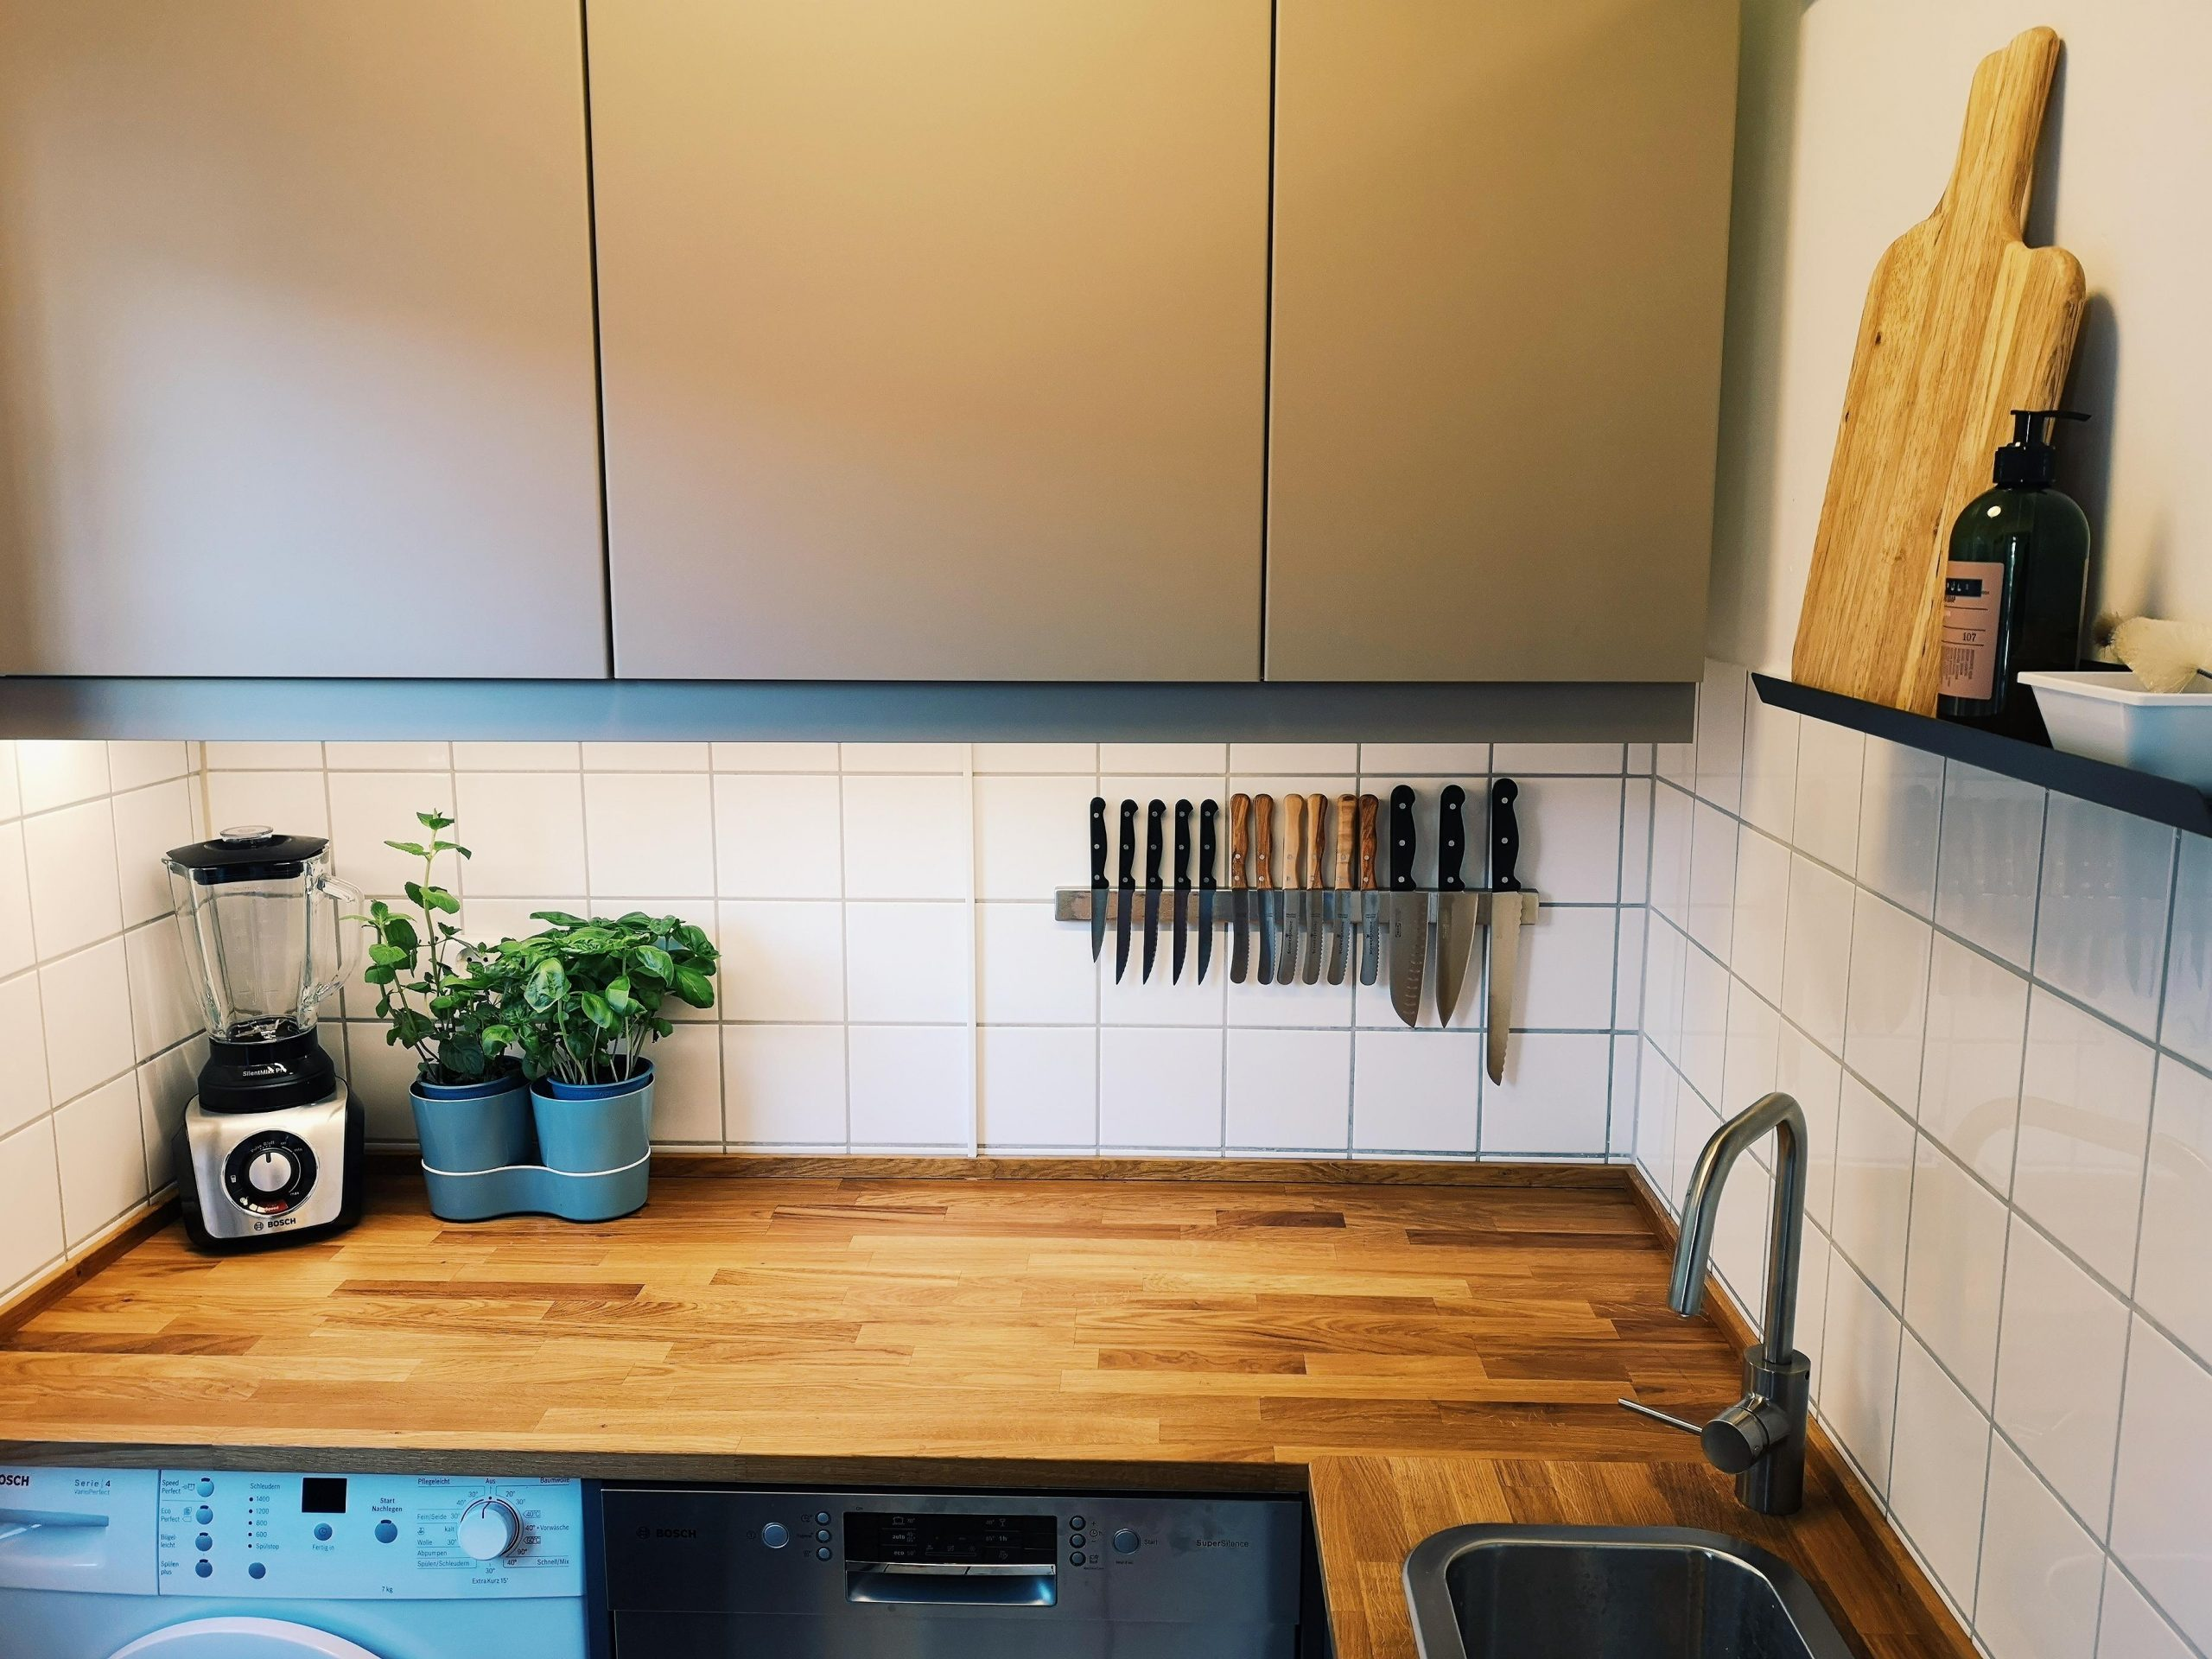 Full Size of Küche Zusammenstellen Online Ikea Küche Zusammenstellen Online Unterschrank Küche Zusammenstellen Outdoor Küche Zusammenstellen Küche Küche Zusammenstellen